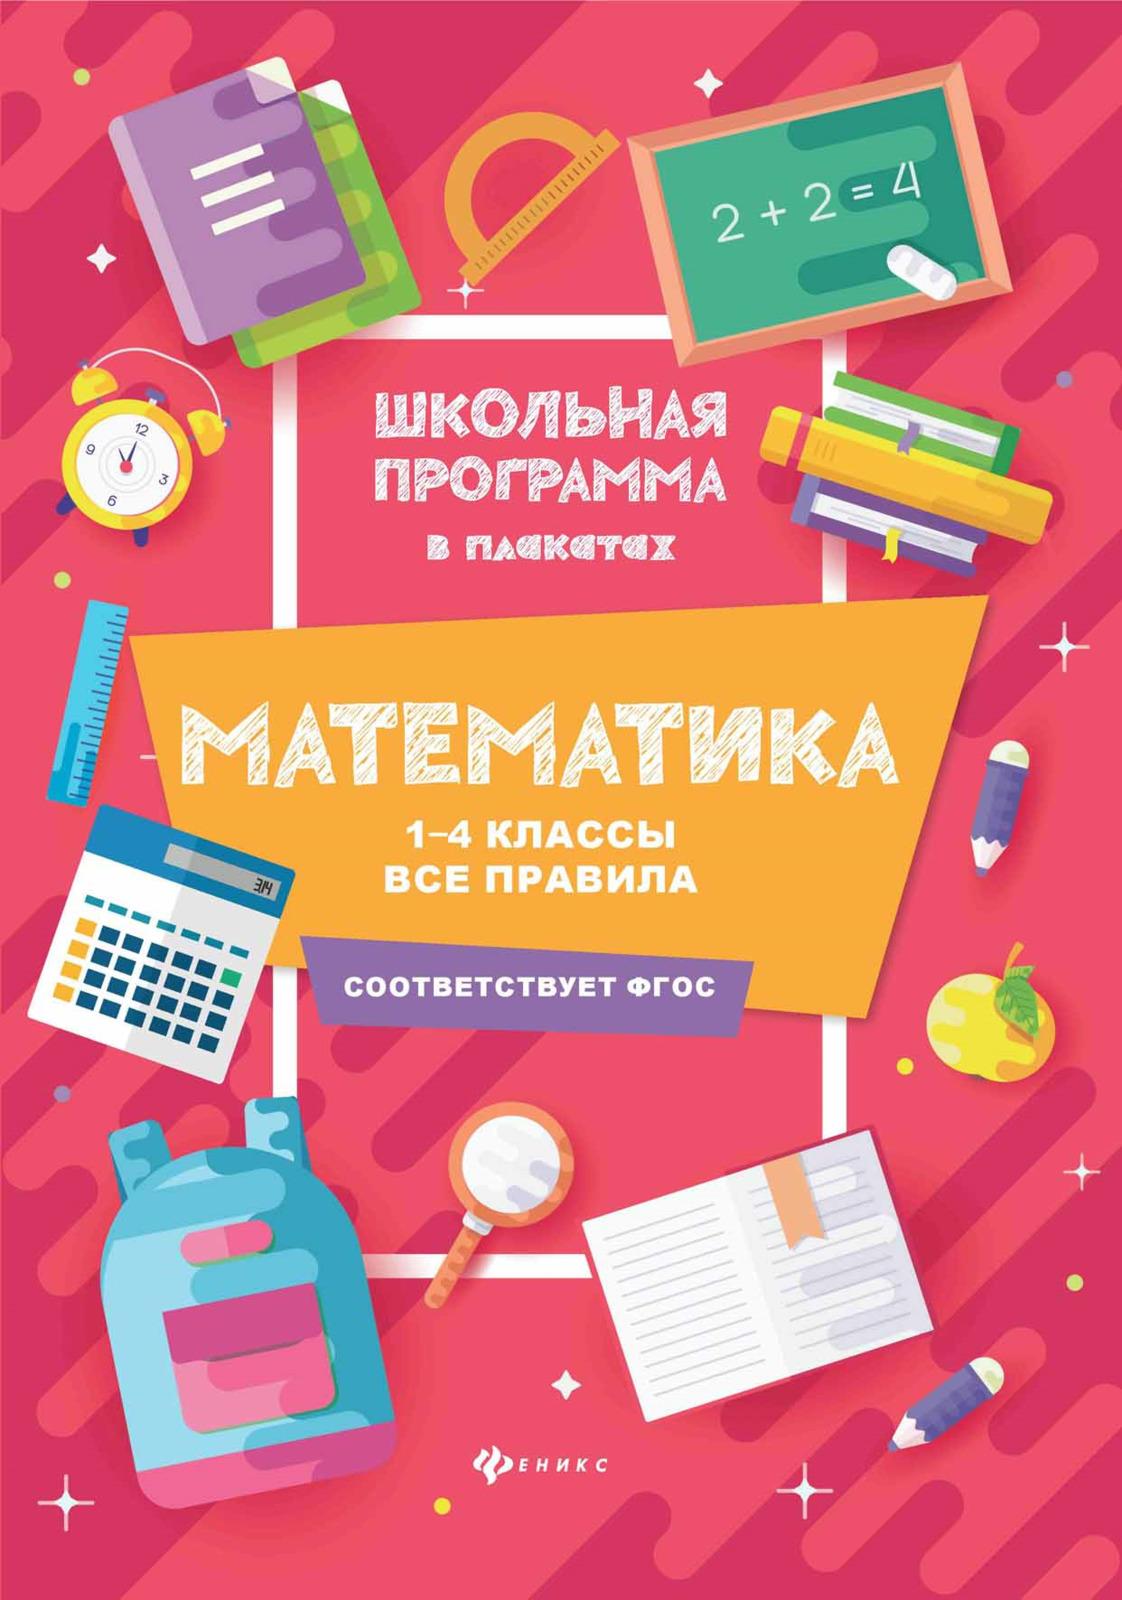 Мария Буряк Математика. 1-4 классы. Все правила буряк м математика 1 4 классы все правила